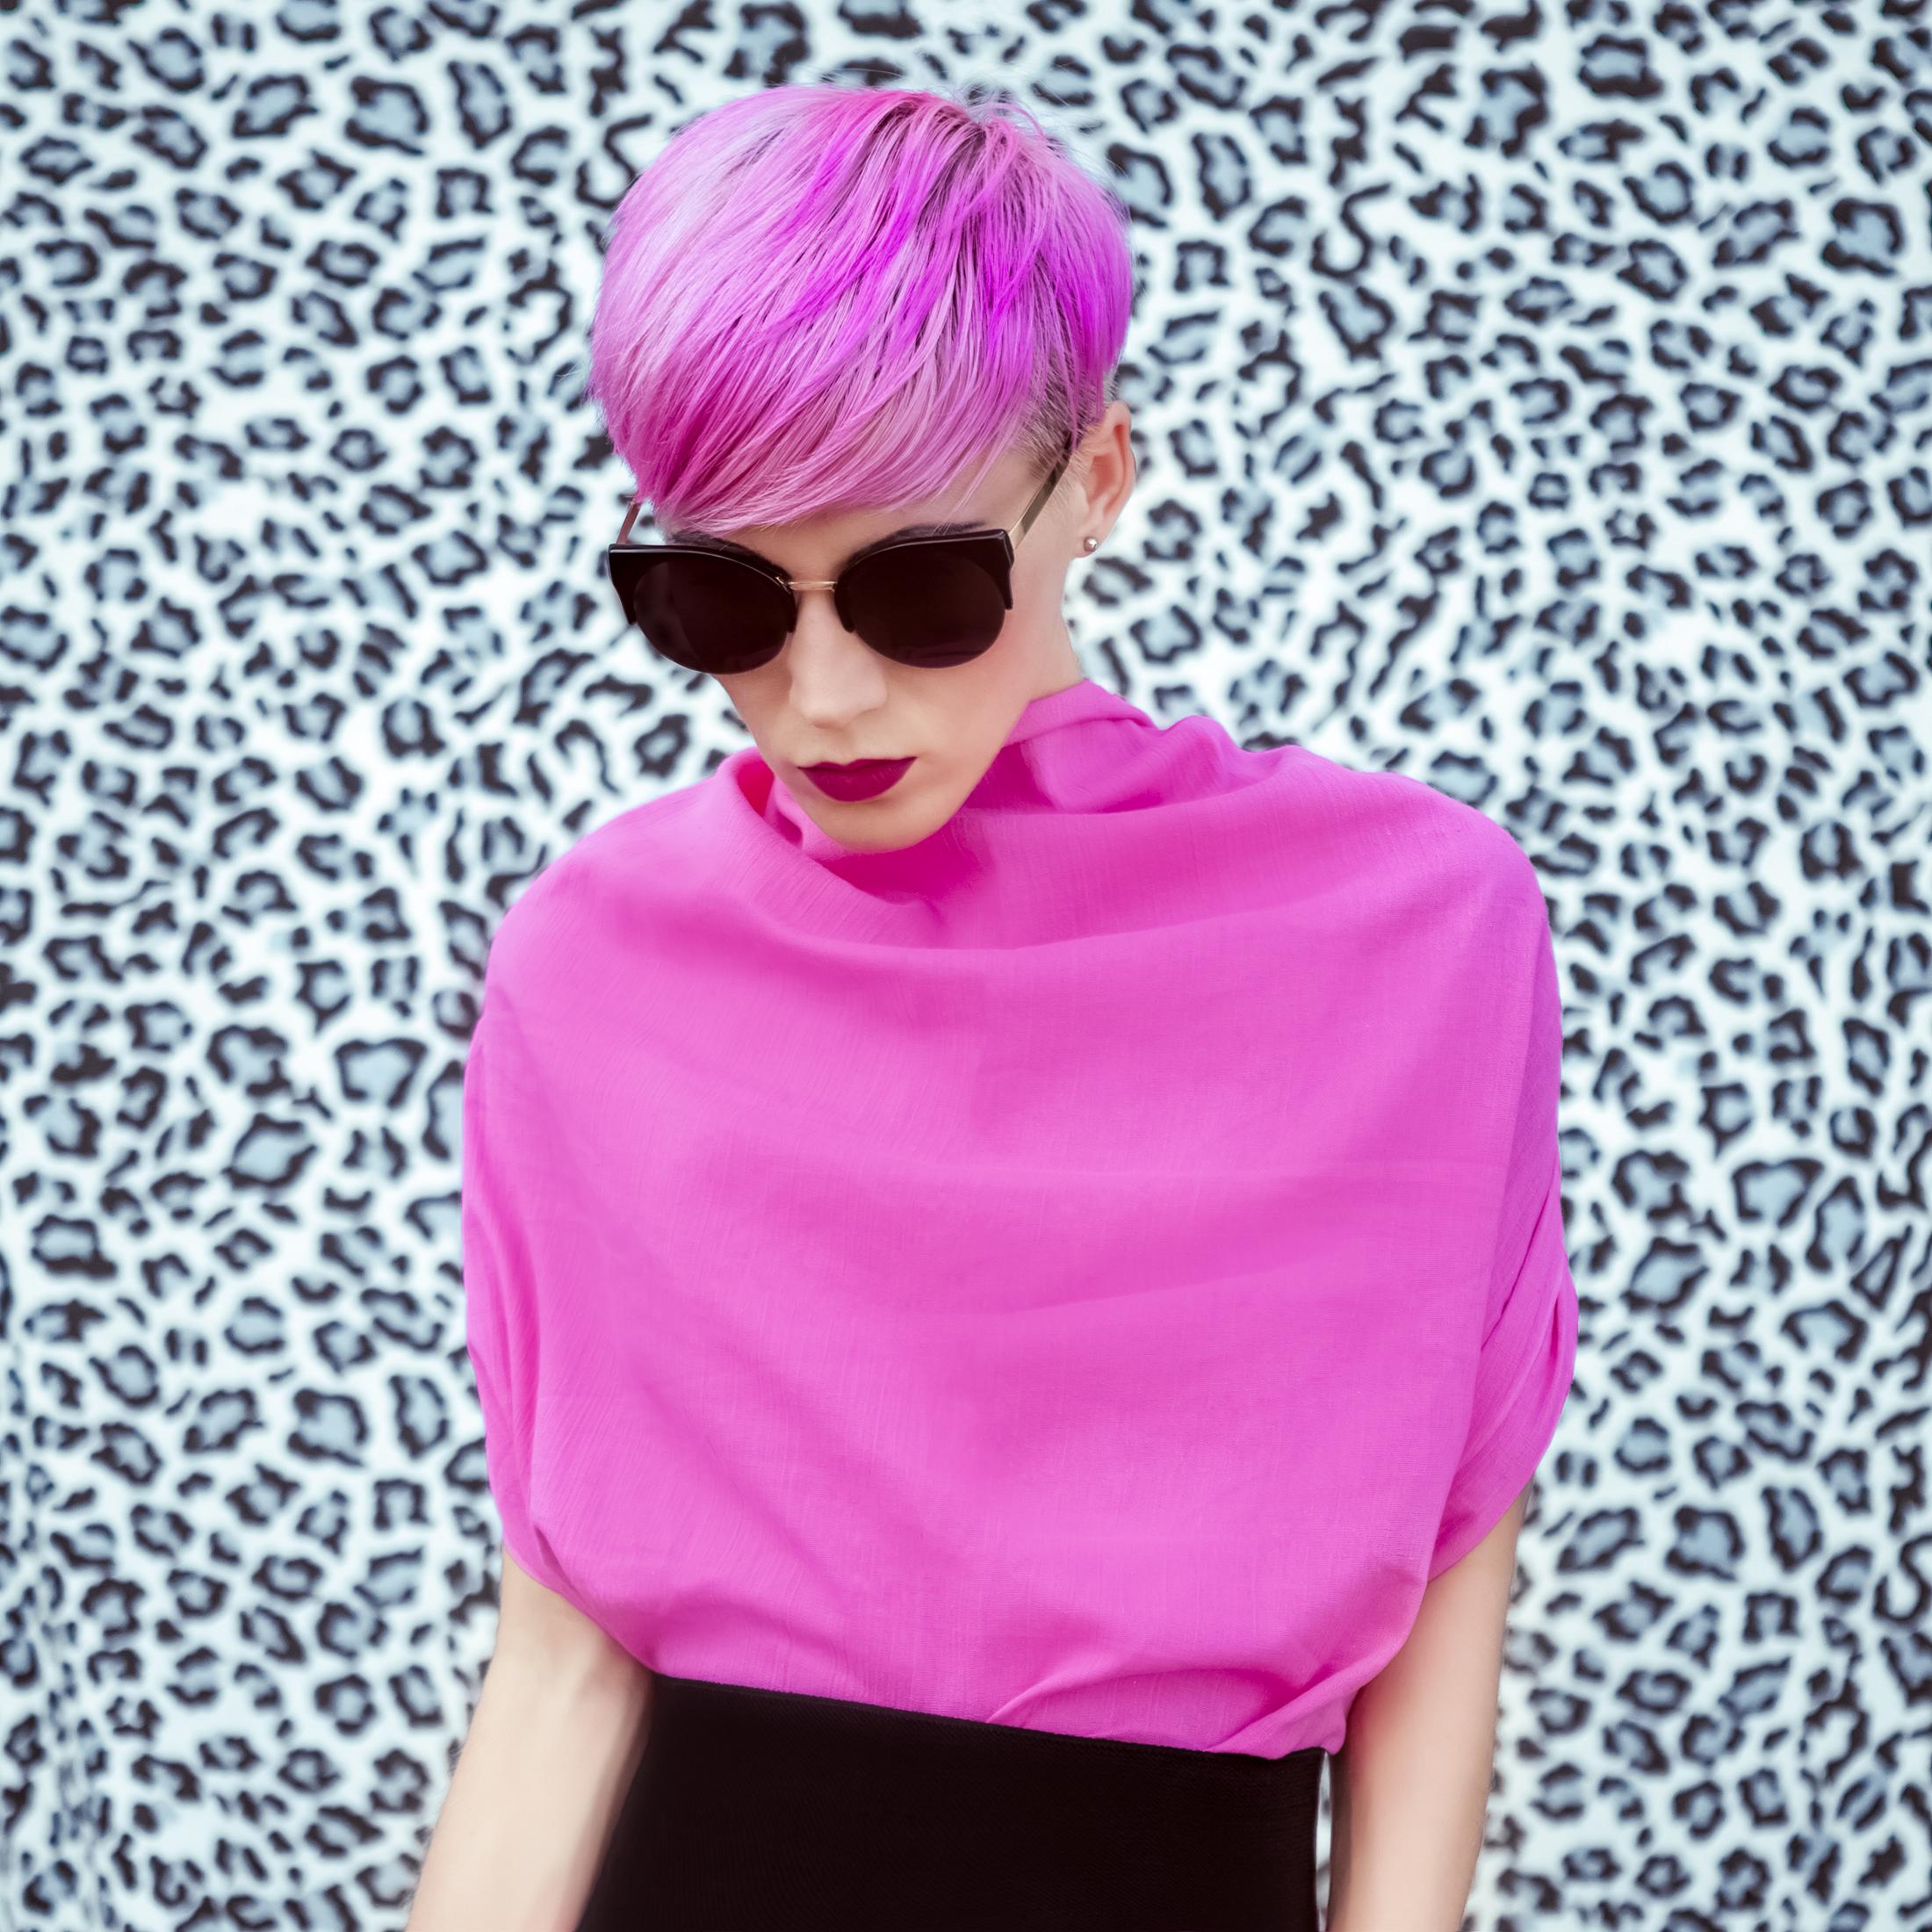 photo d'une jeune femme en rose avec une coupe de cheveux moderne et une chevelure rose